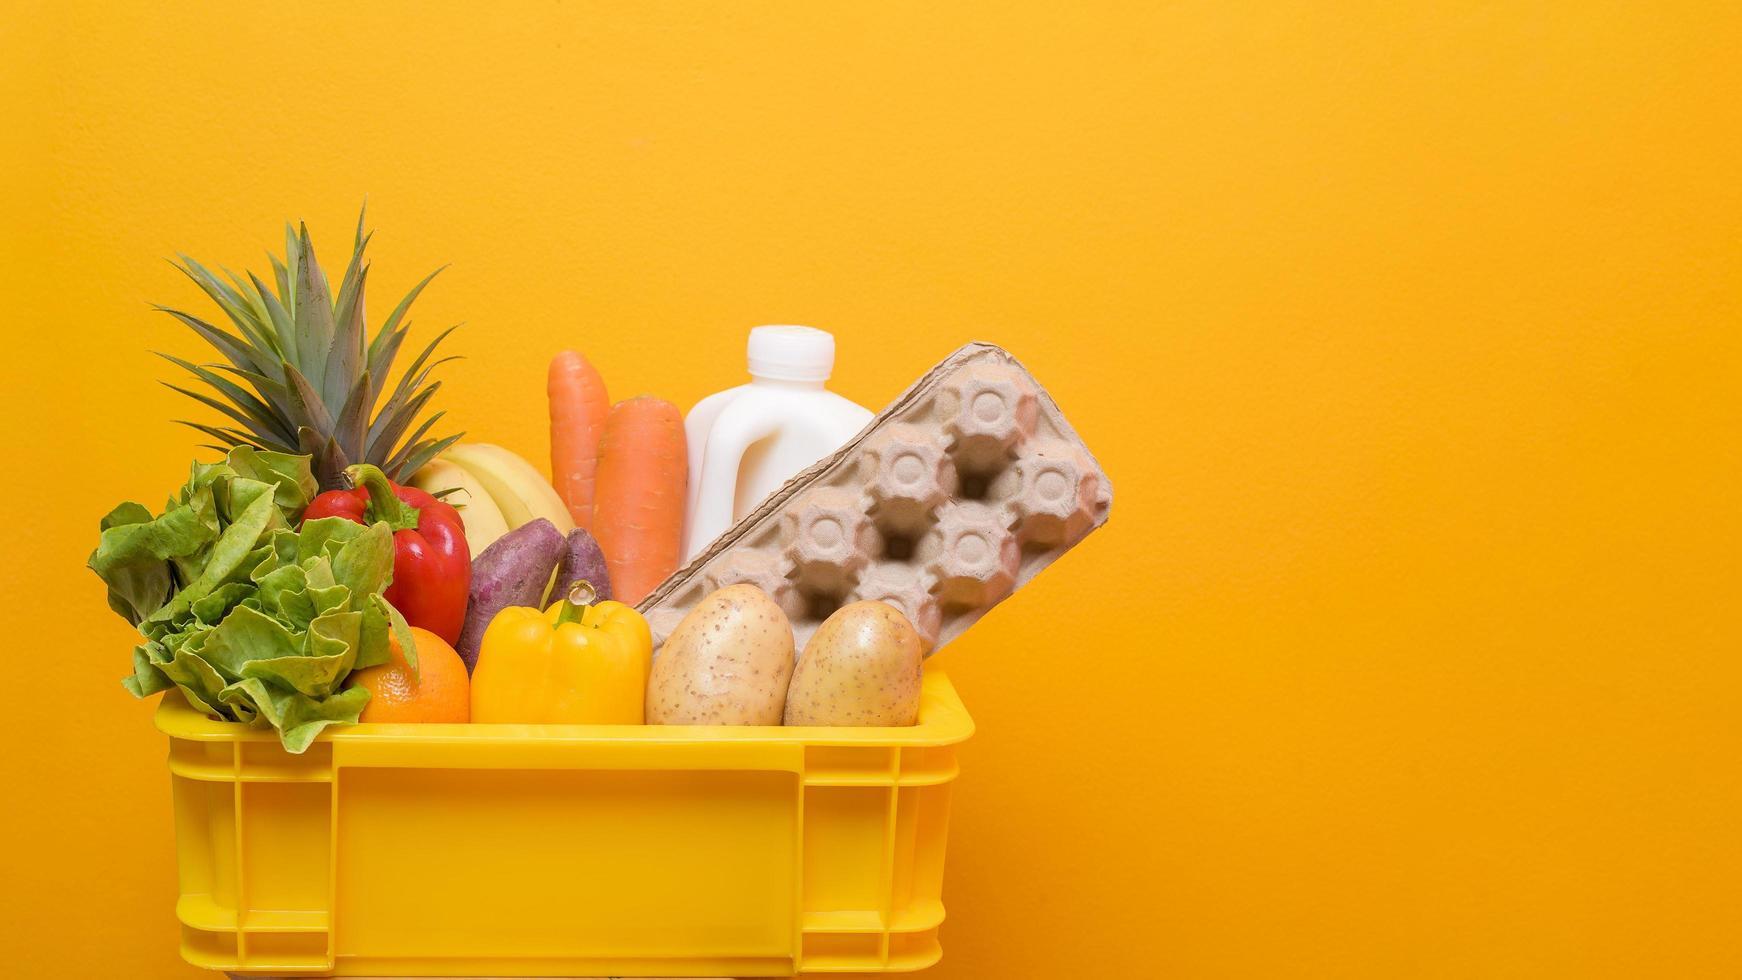 boîte d'épicerie sur fond jaune photo